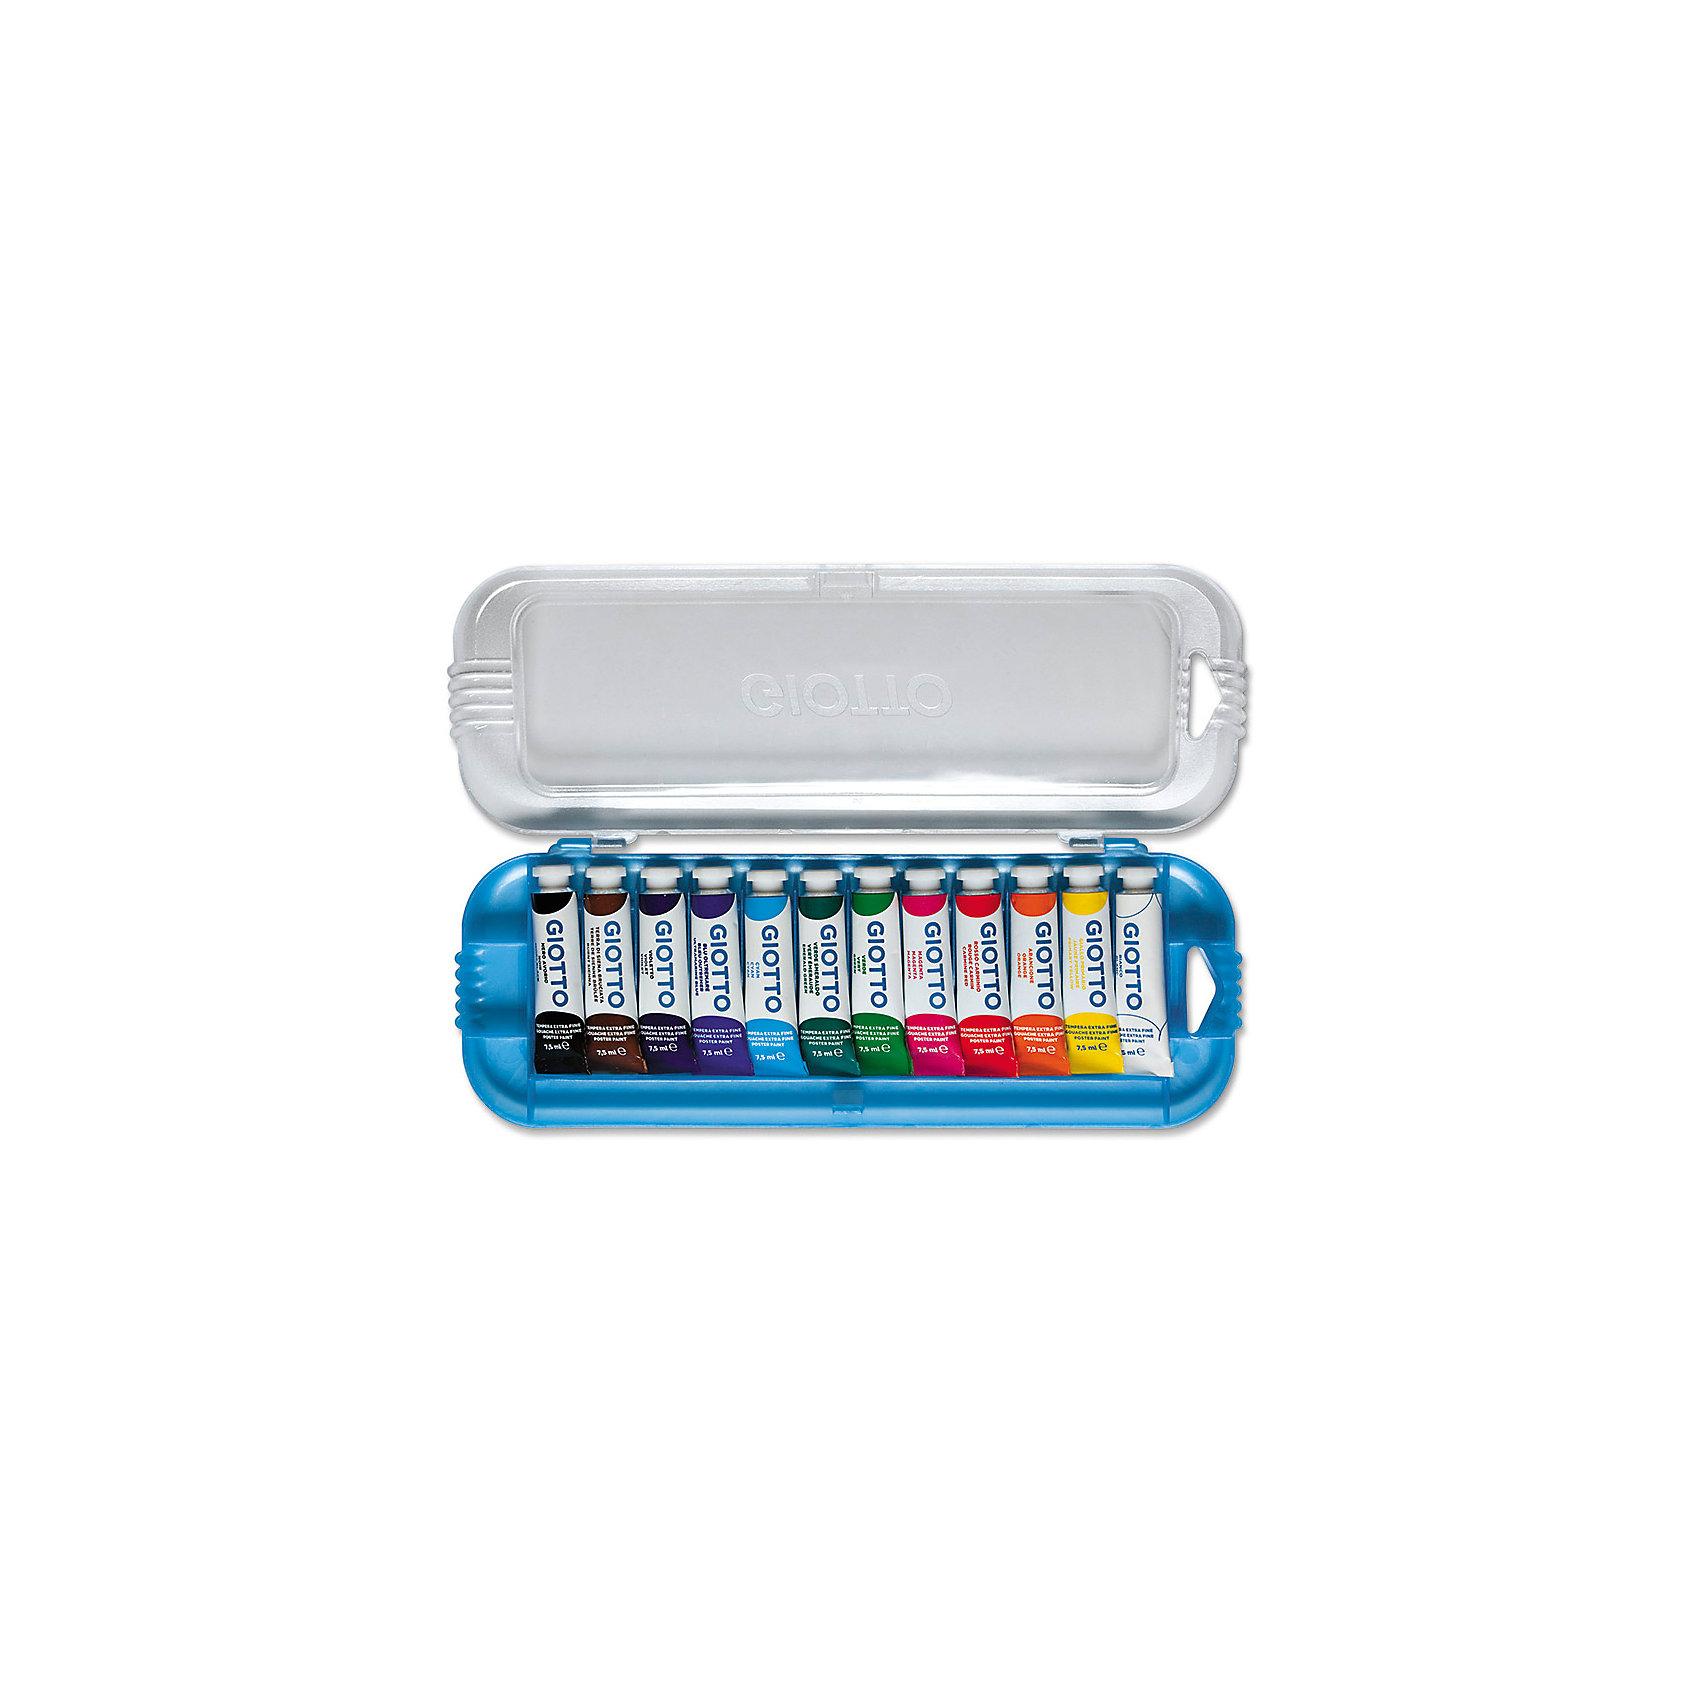 Плакатная гуашь на водной основе в алюминиевых тюбиках 7,5 мл х 12 цветовРисование и лепка<br>Плакатная гуашь на водной основе в алюминиевых тюбиках 7,5 мл х 12 цв. Экстра-яркие насыщенные цвета, высокая концентрация пигмента, максимальная укрывистость. Набор в палстиковом кейсе.<br><br>Ширина мм: 21<br>Глубина мм: 102<br>Высота мм: 270<br>Вес г: 263<br>Возраст от месяцев: 72<br>Возраст до месяцев: 120<br>Пол: Унисекс<br>Возраст: Детский<br>SKU: 5107820